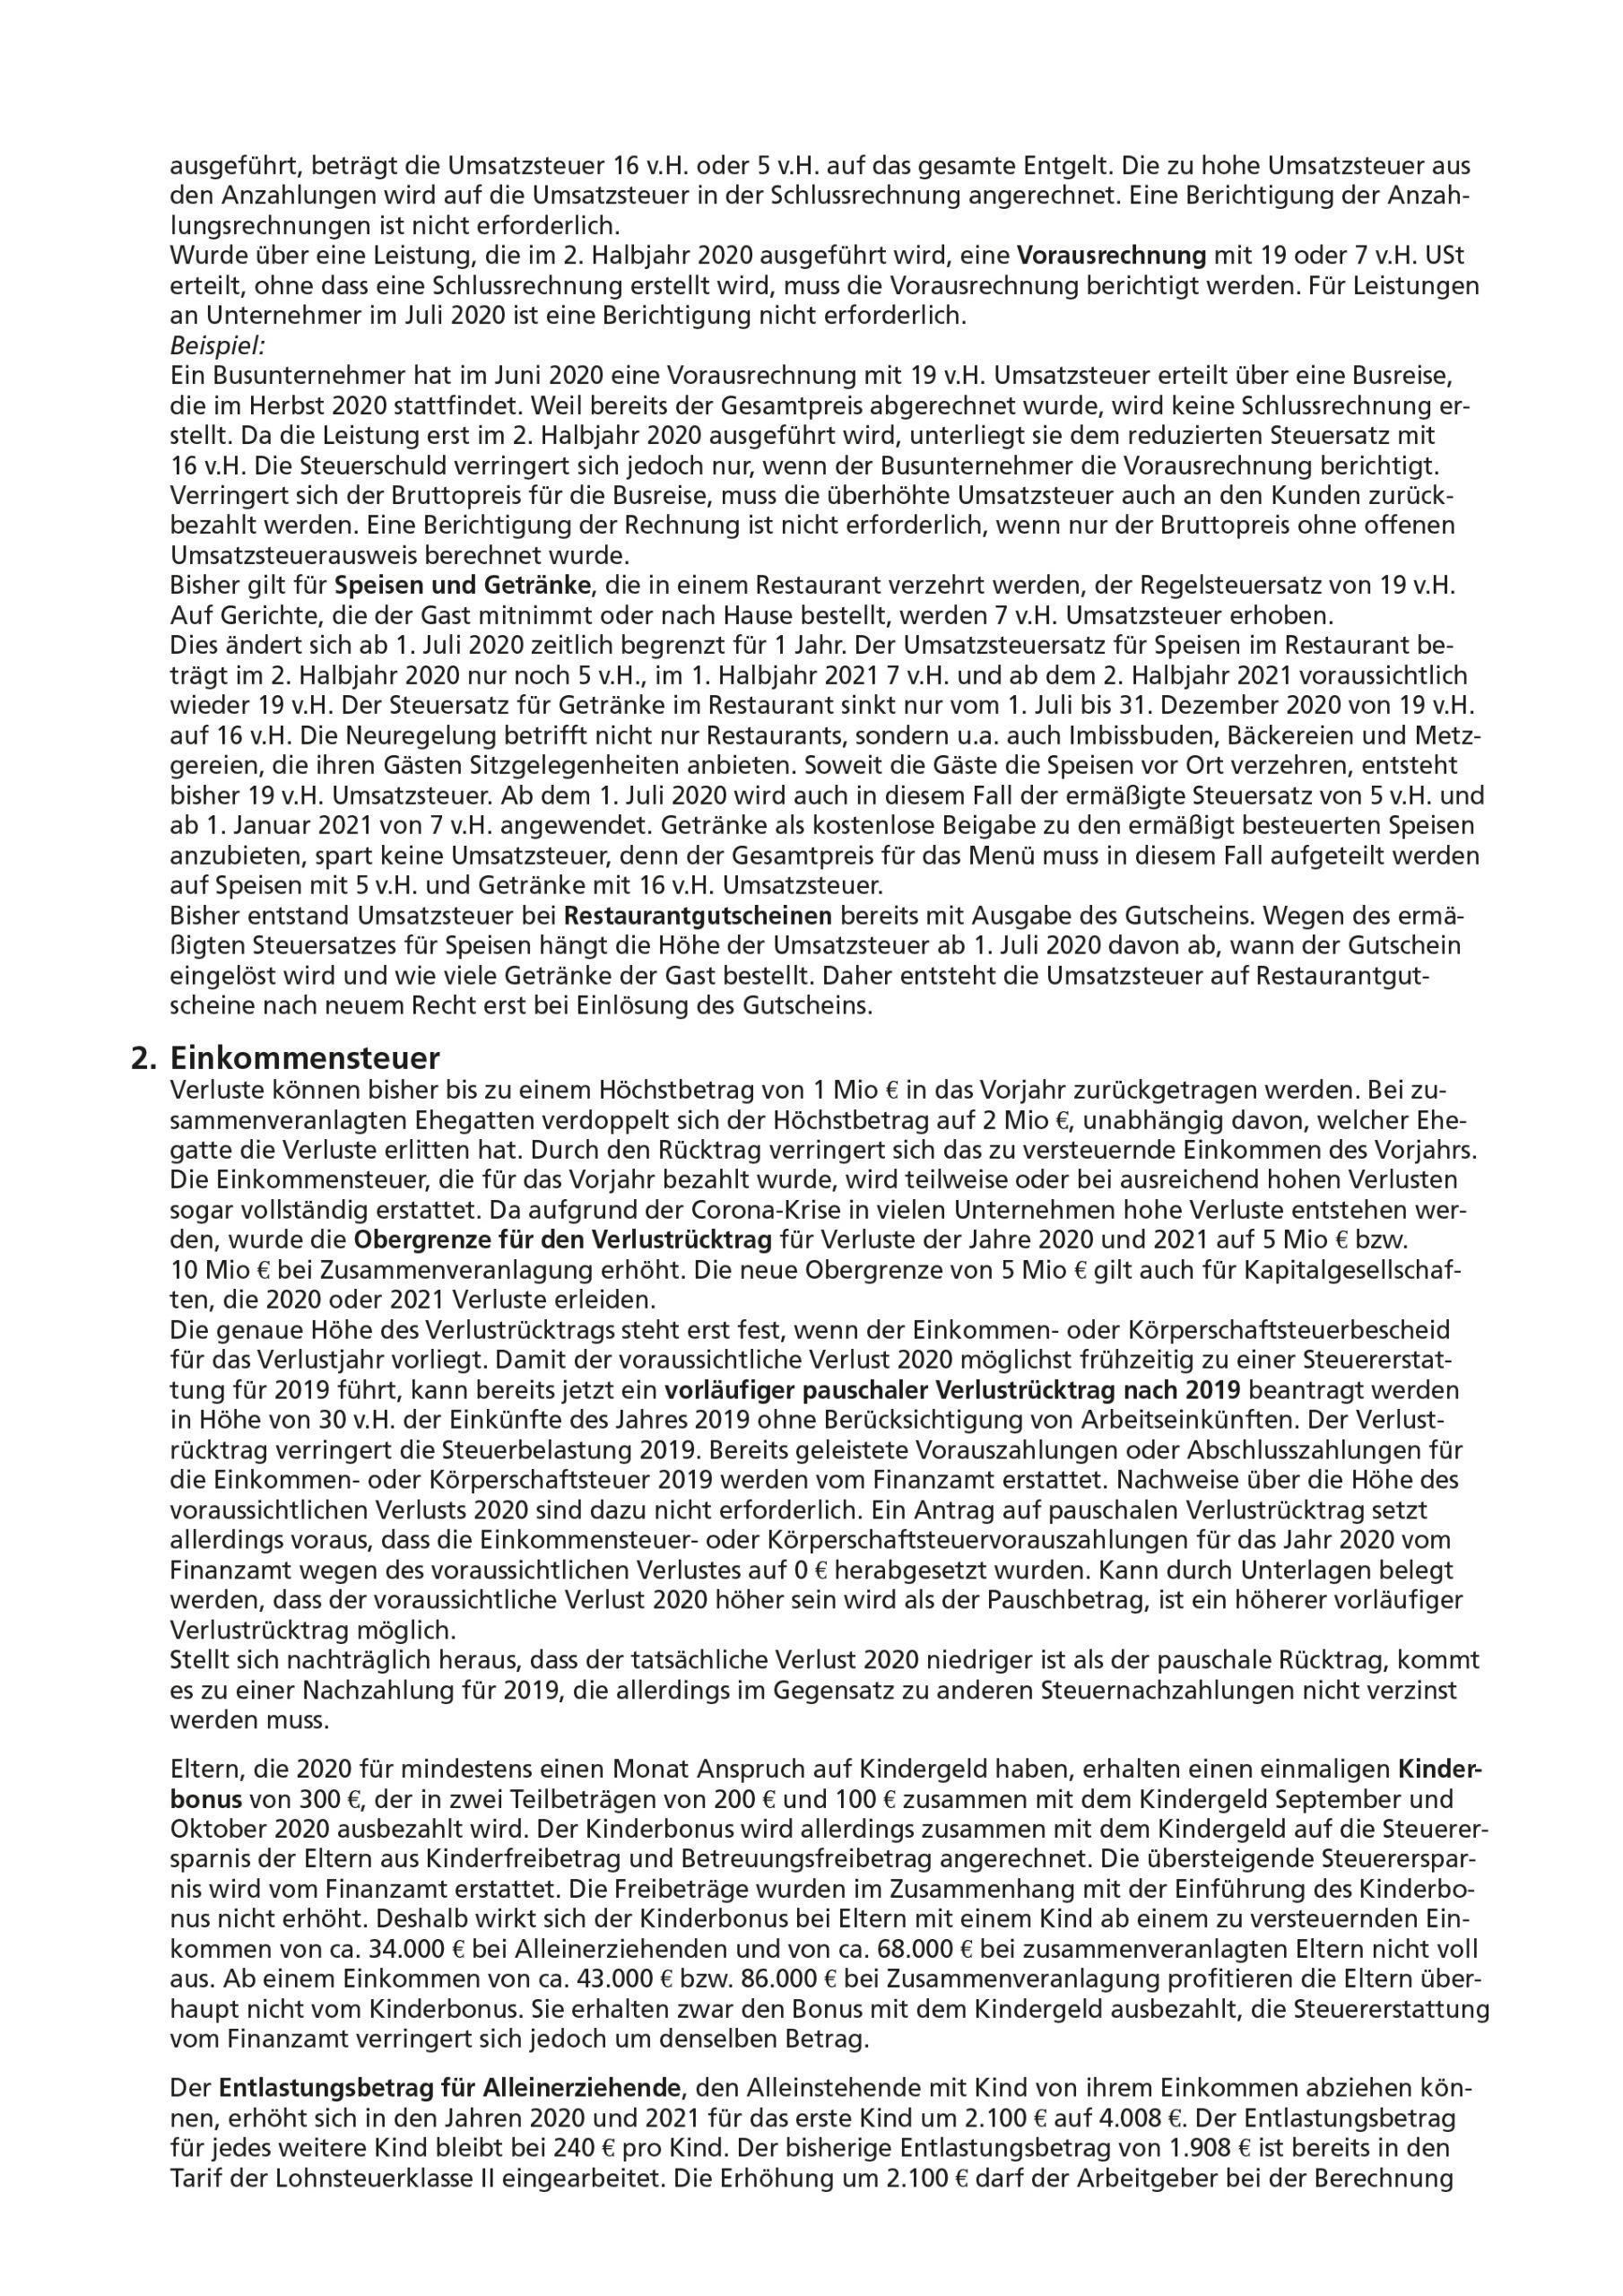 js-tax Steuerberatung Mandantenrundschreiben 2020-07 S2